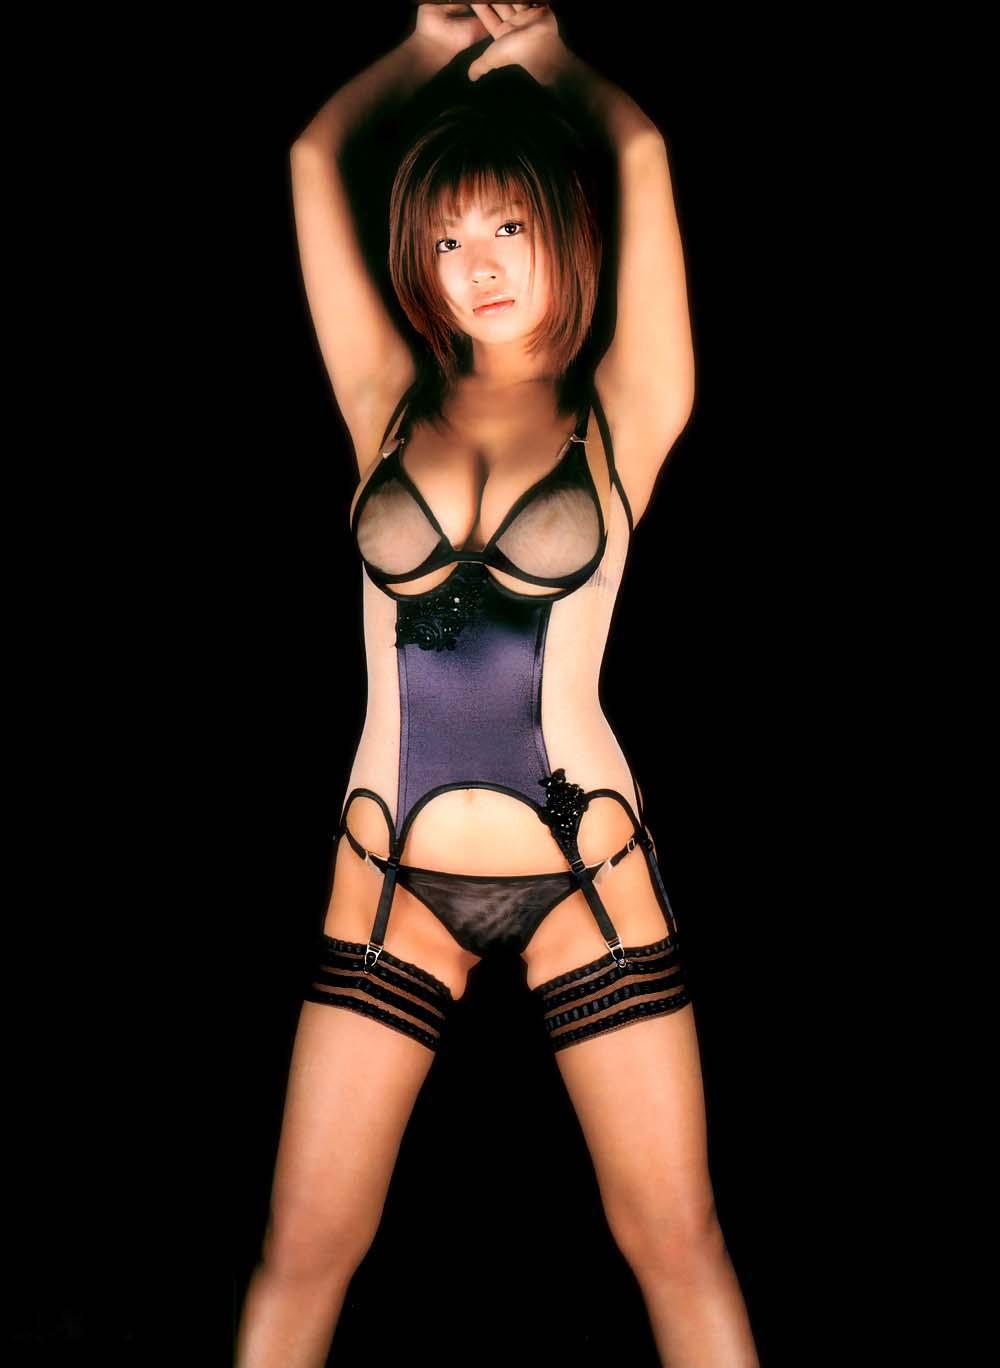 【おっぱい】セクシーランジェリー系のエロ下着を見ていると脱がすべきか迷うwww【34枚】 31